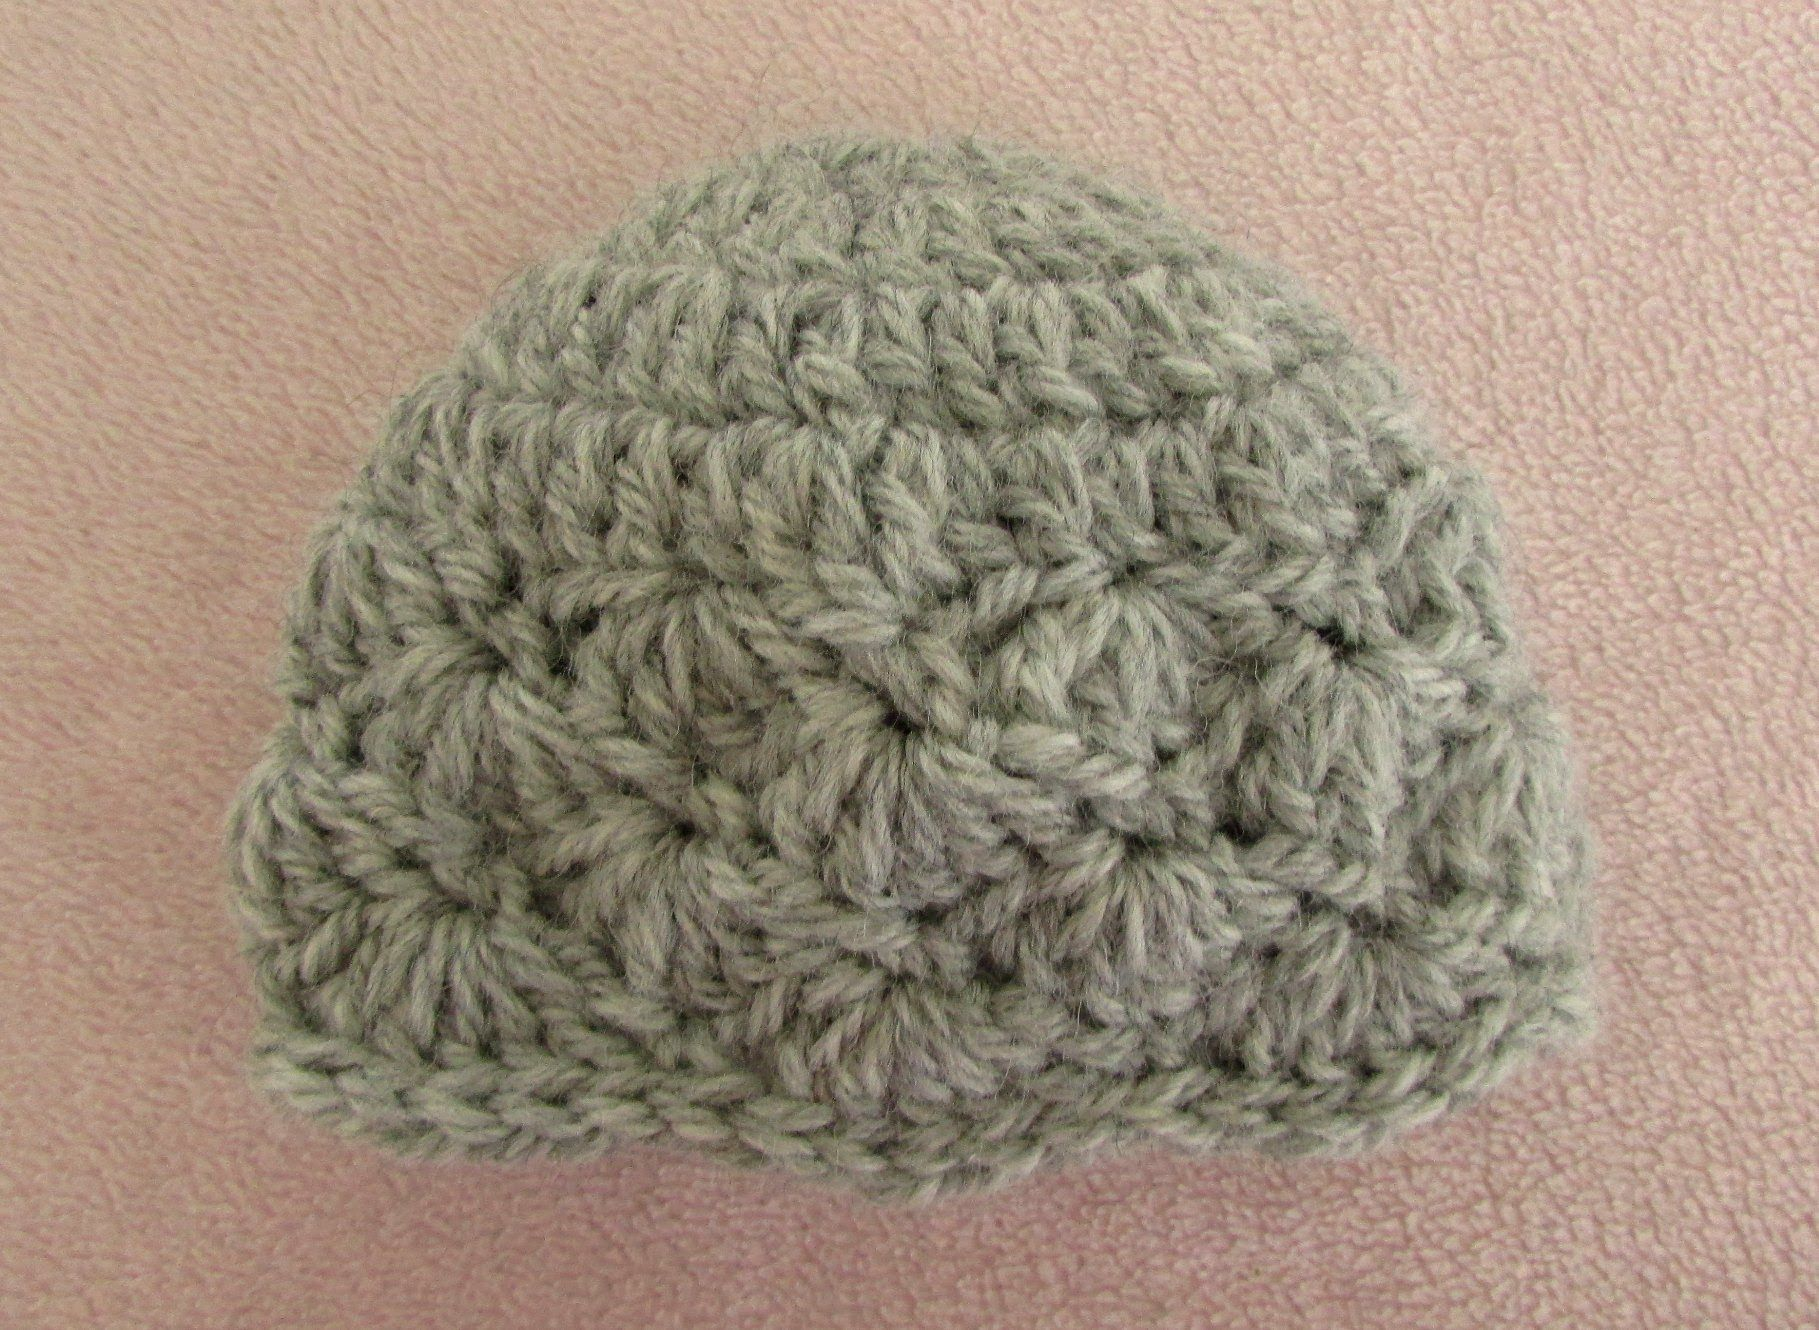 Pin by Halina Kurek on czapki dla dorosłych | Pinterest | Pretty ...